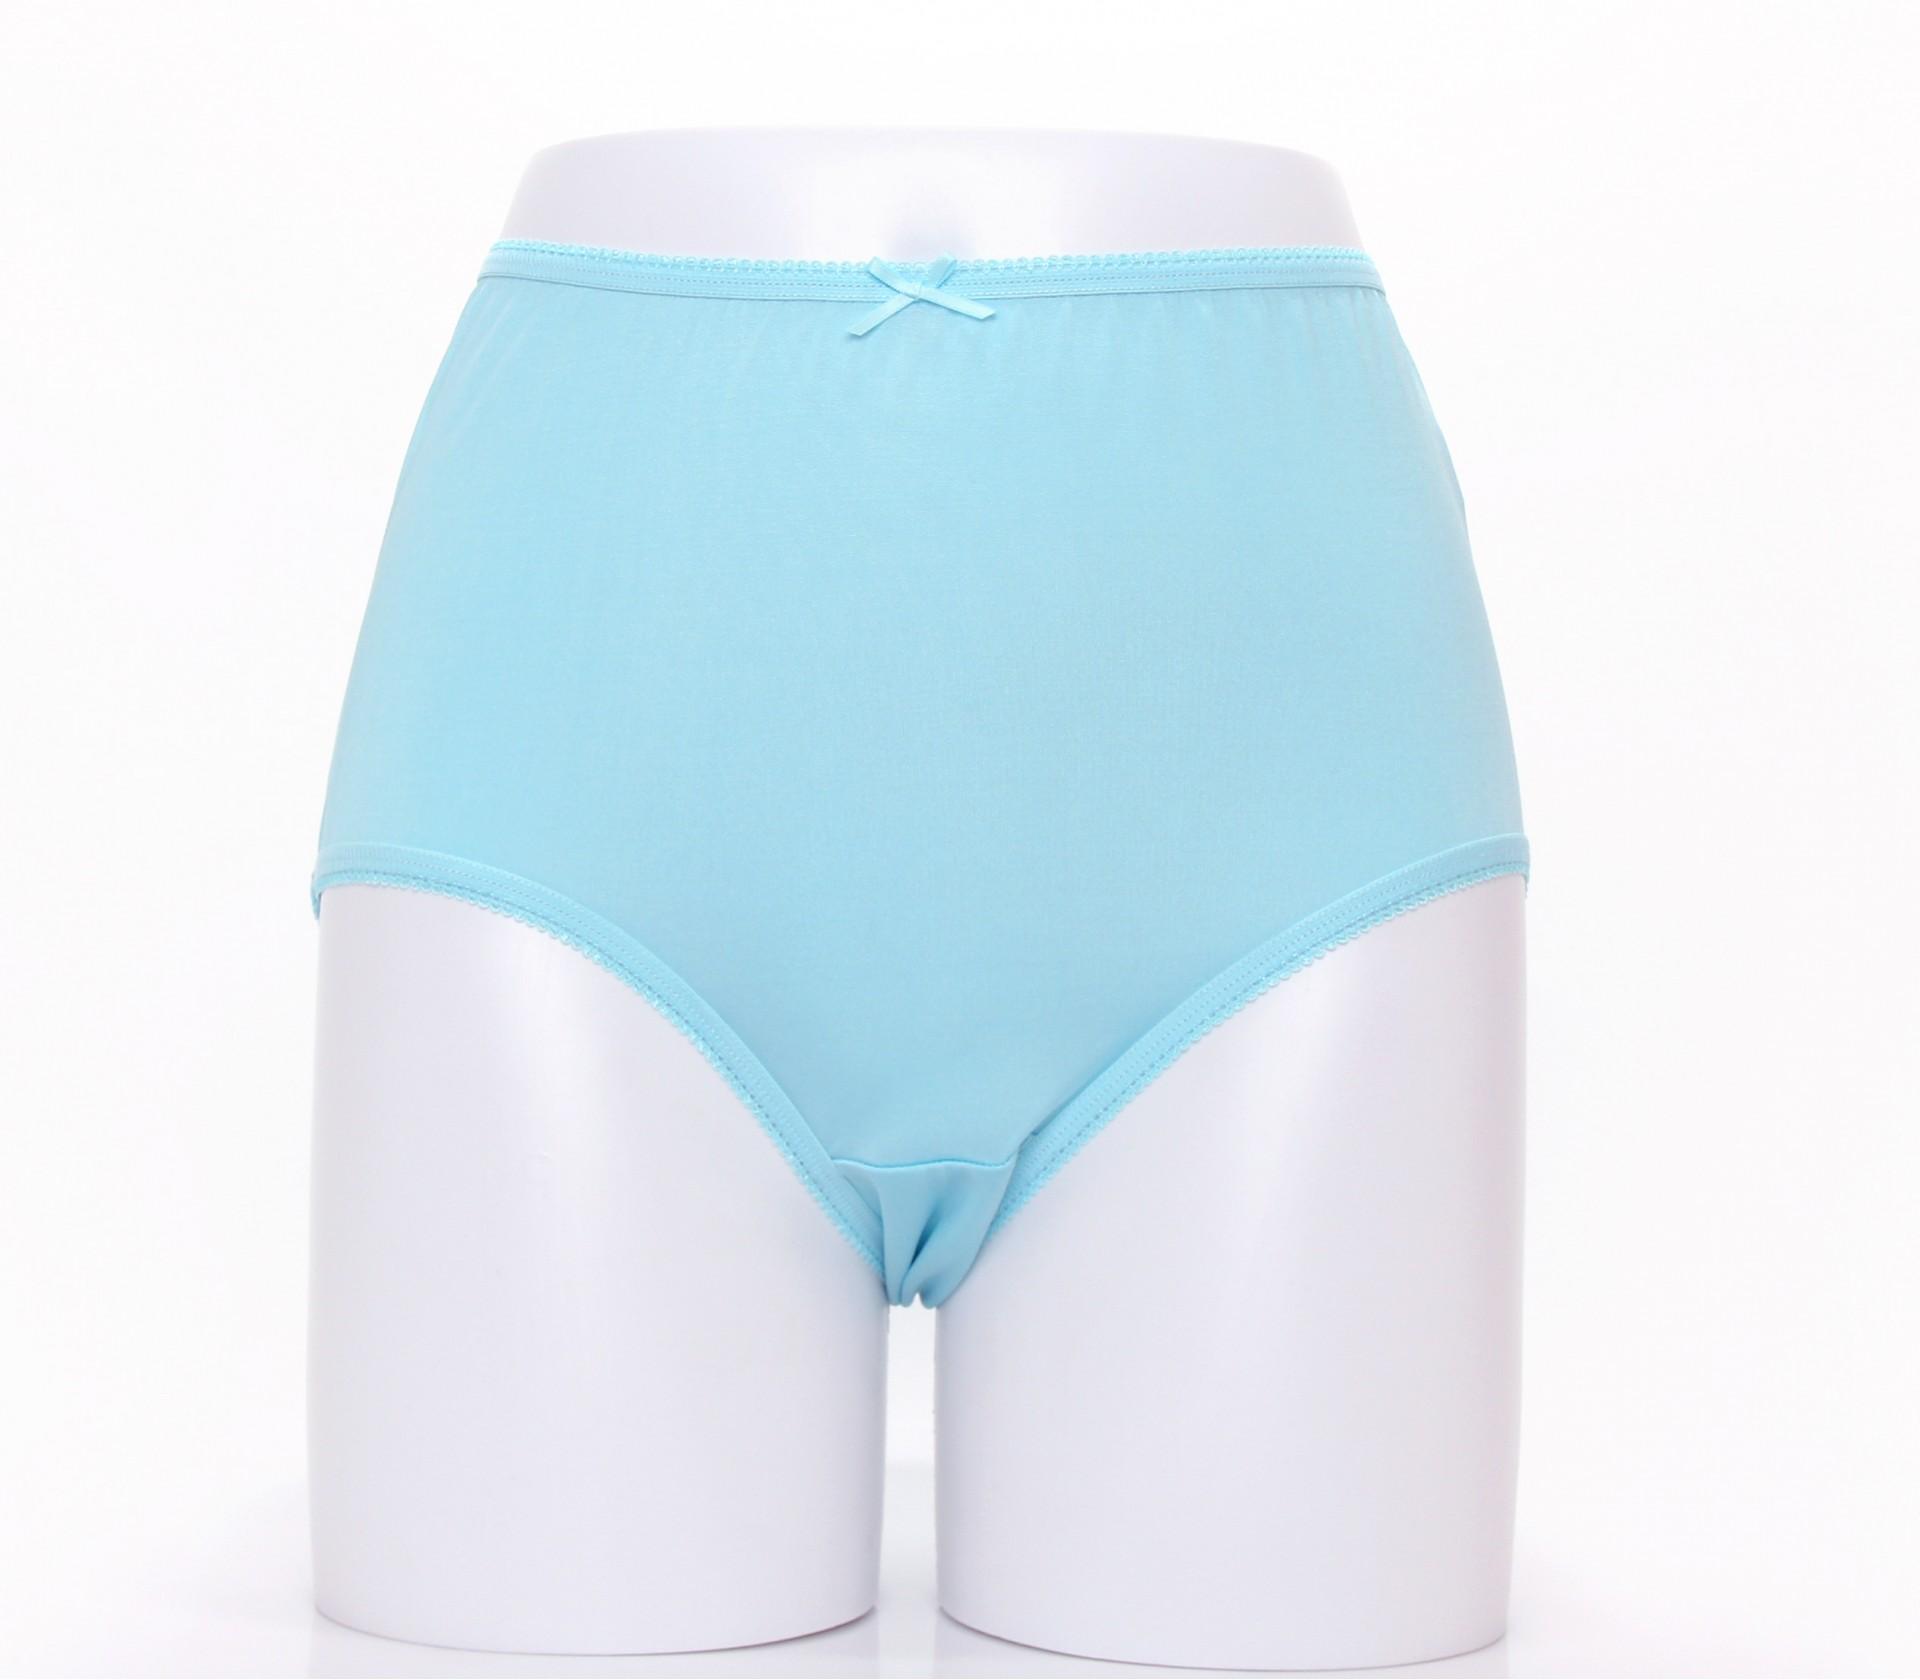 闕蘭絹寵愛優雅100%蠶絲內褲-88901(藍)